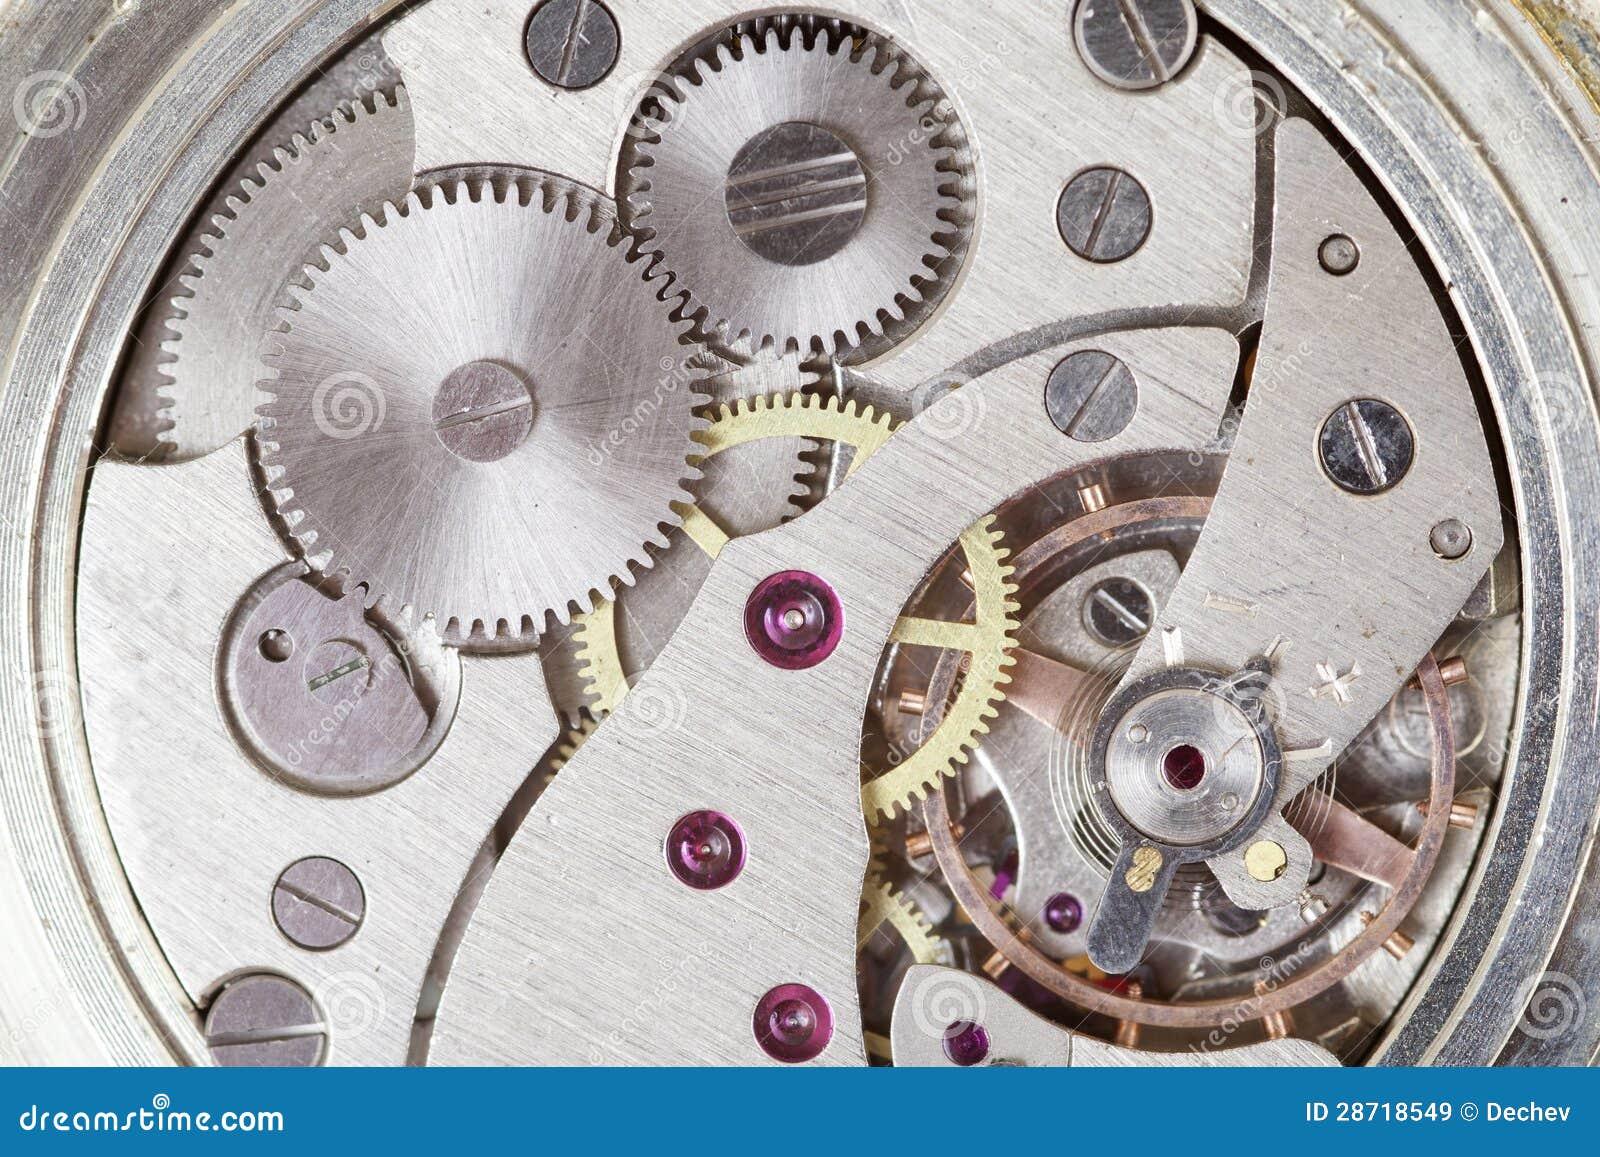 Μηχανισμός του ρολογιού.